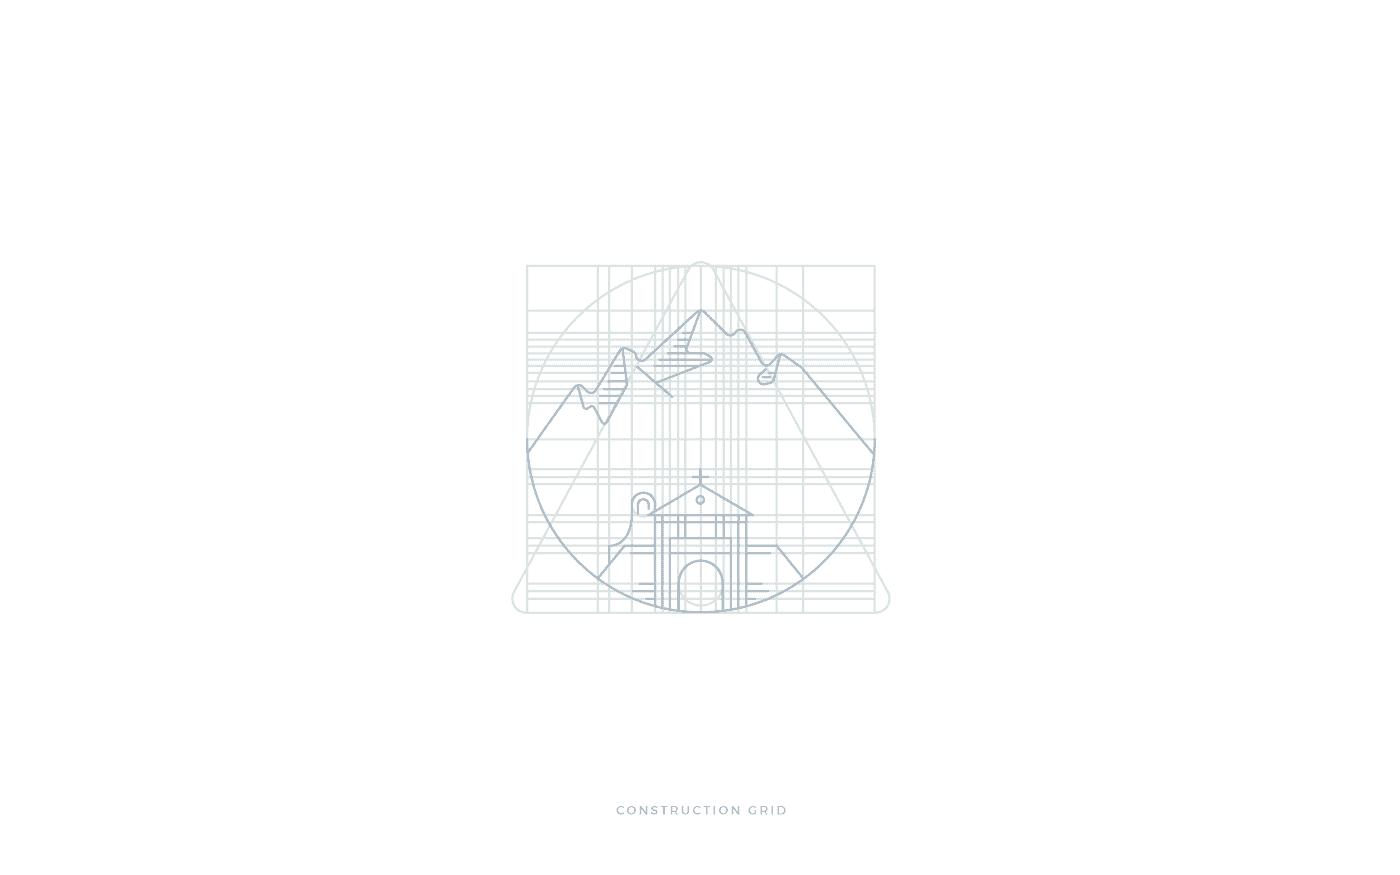 Peschium griglia costruzione logo